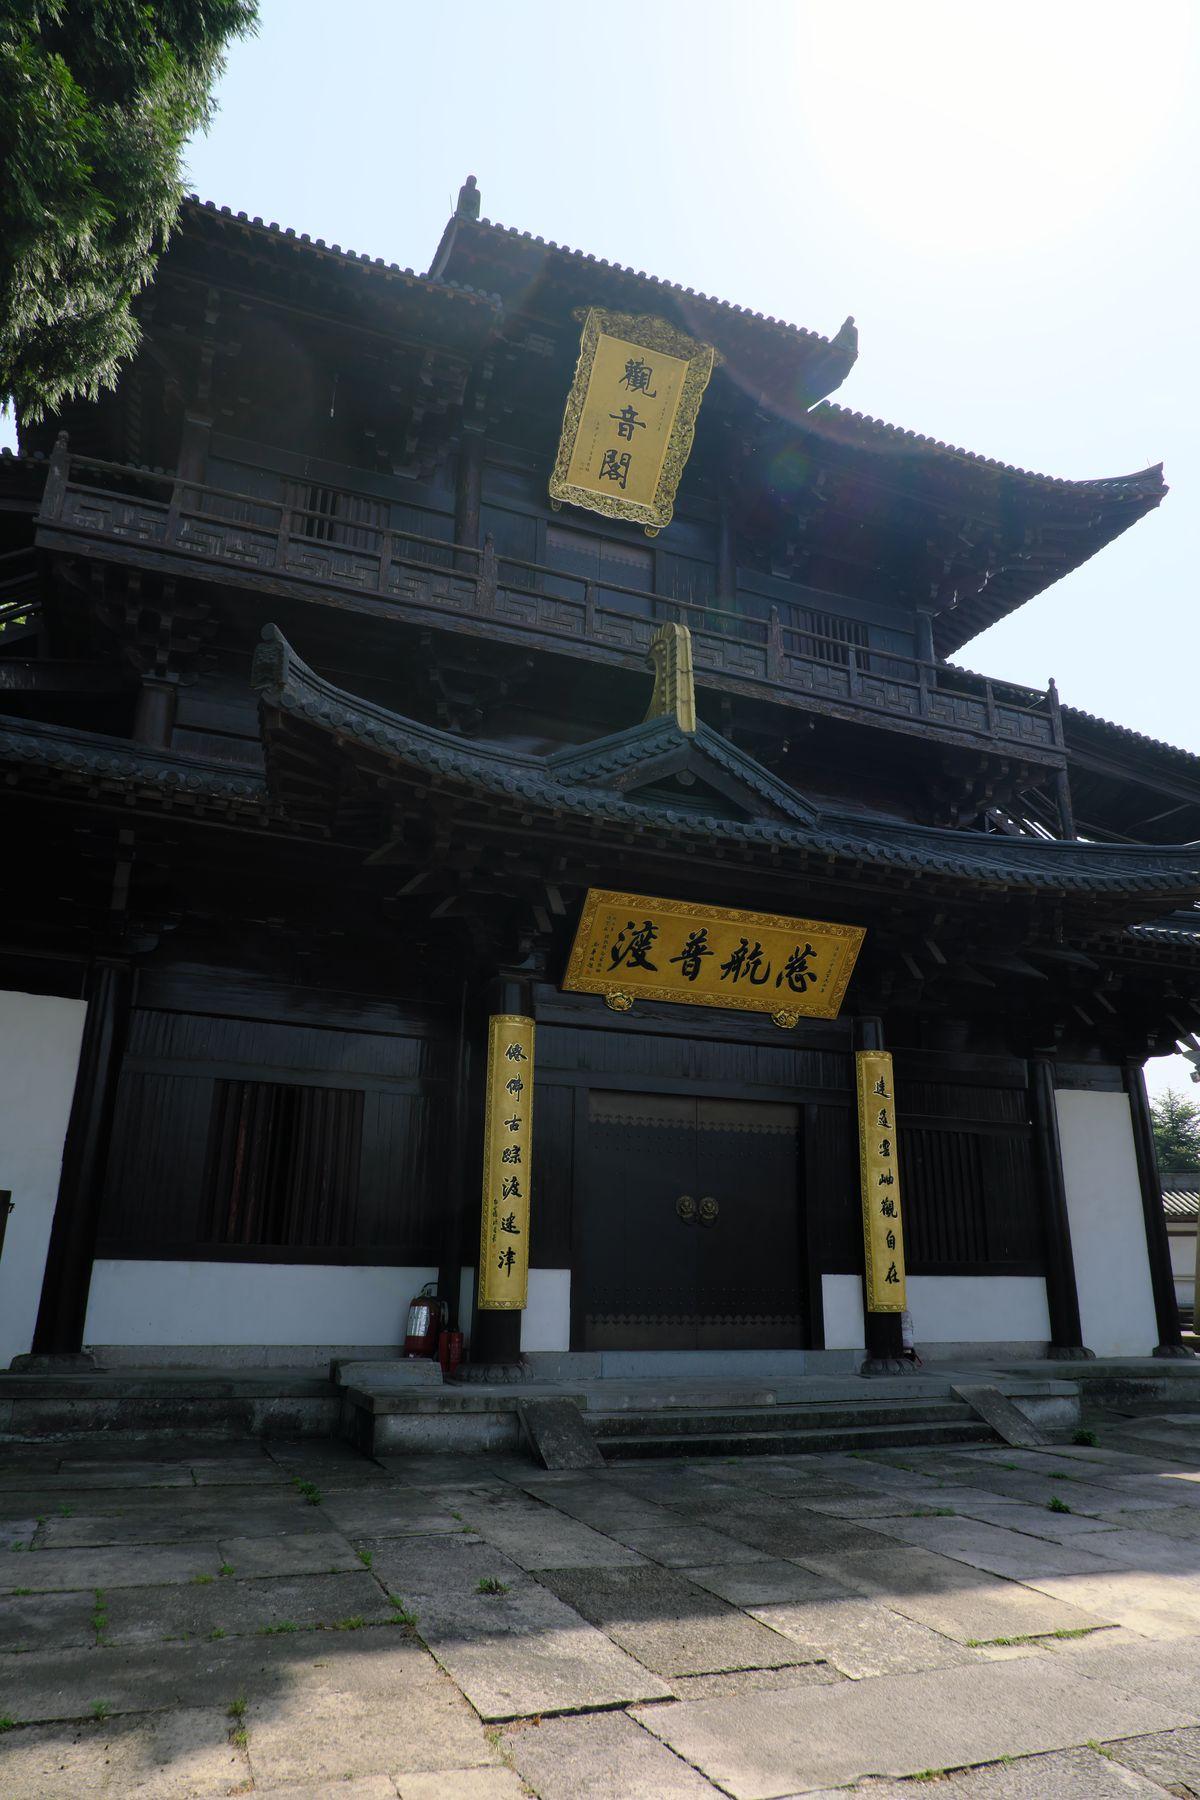 观音阁寺庙背景照片 - 免费正版图片授权